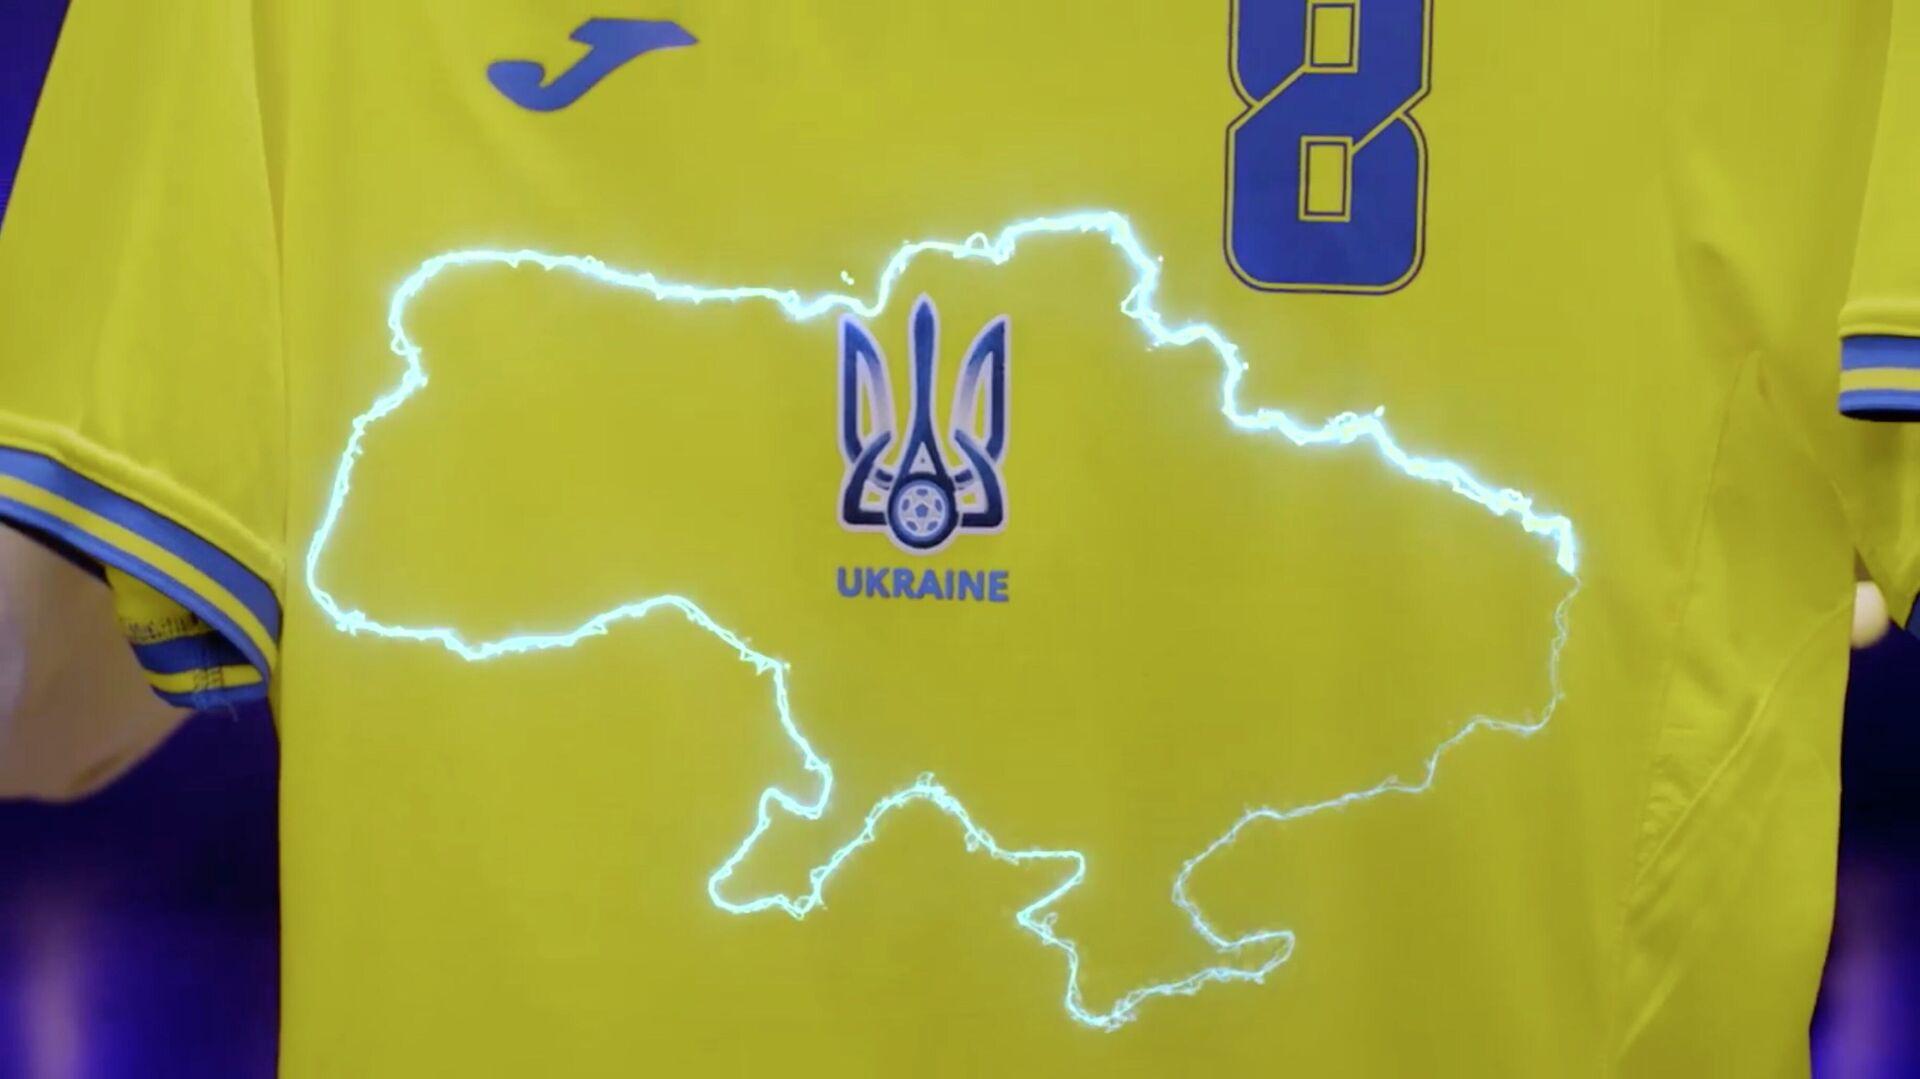 Форма сборной Украины по футболу на ЕВРО-2020 - РИА Новости, 1920, 10.06.2021